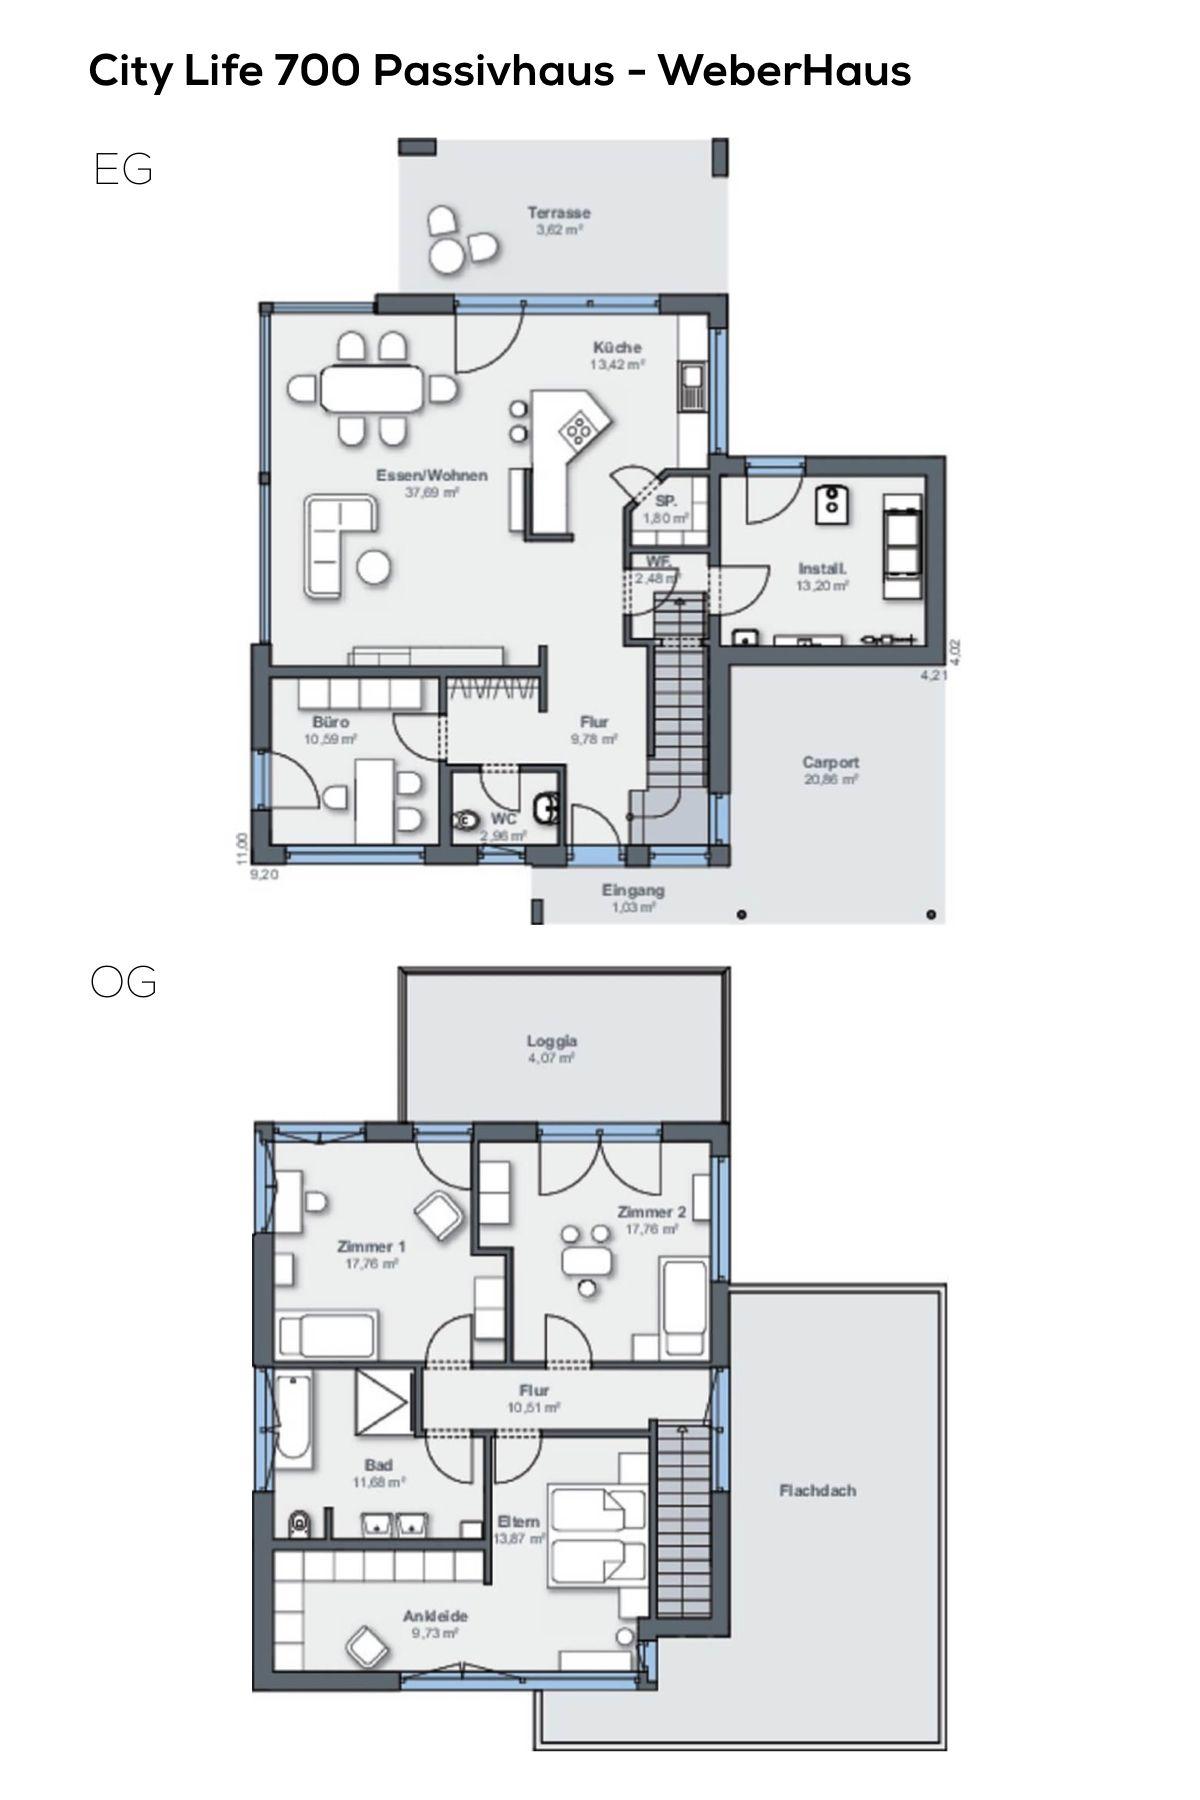 grundriss einfamilienhaus 5 zimmer 180 qm wohnfl che offene k che arbeitszimmer oder 3. Black Bedroom Furniture Sets. Home Design Ideas